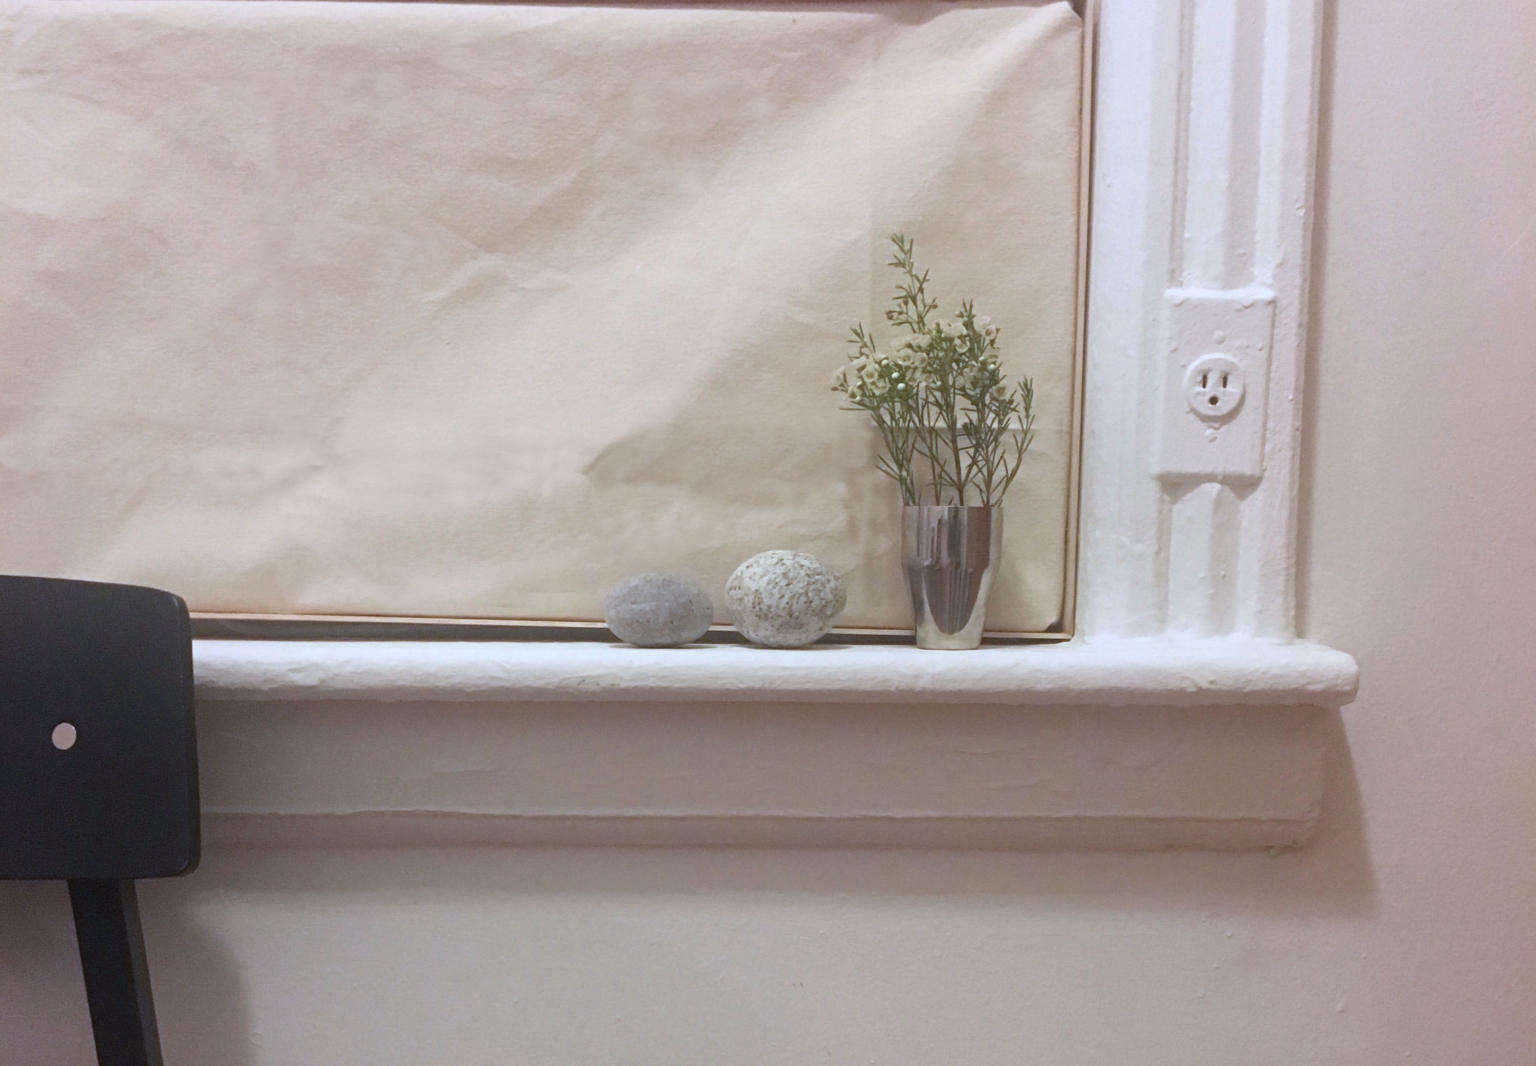 diy ac cover in situ vertical a quigley cropped 1536x1066